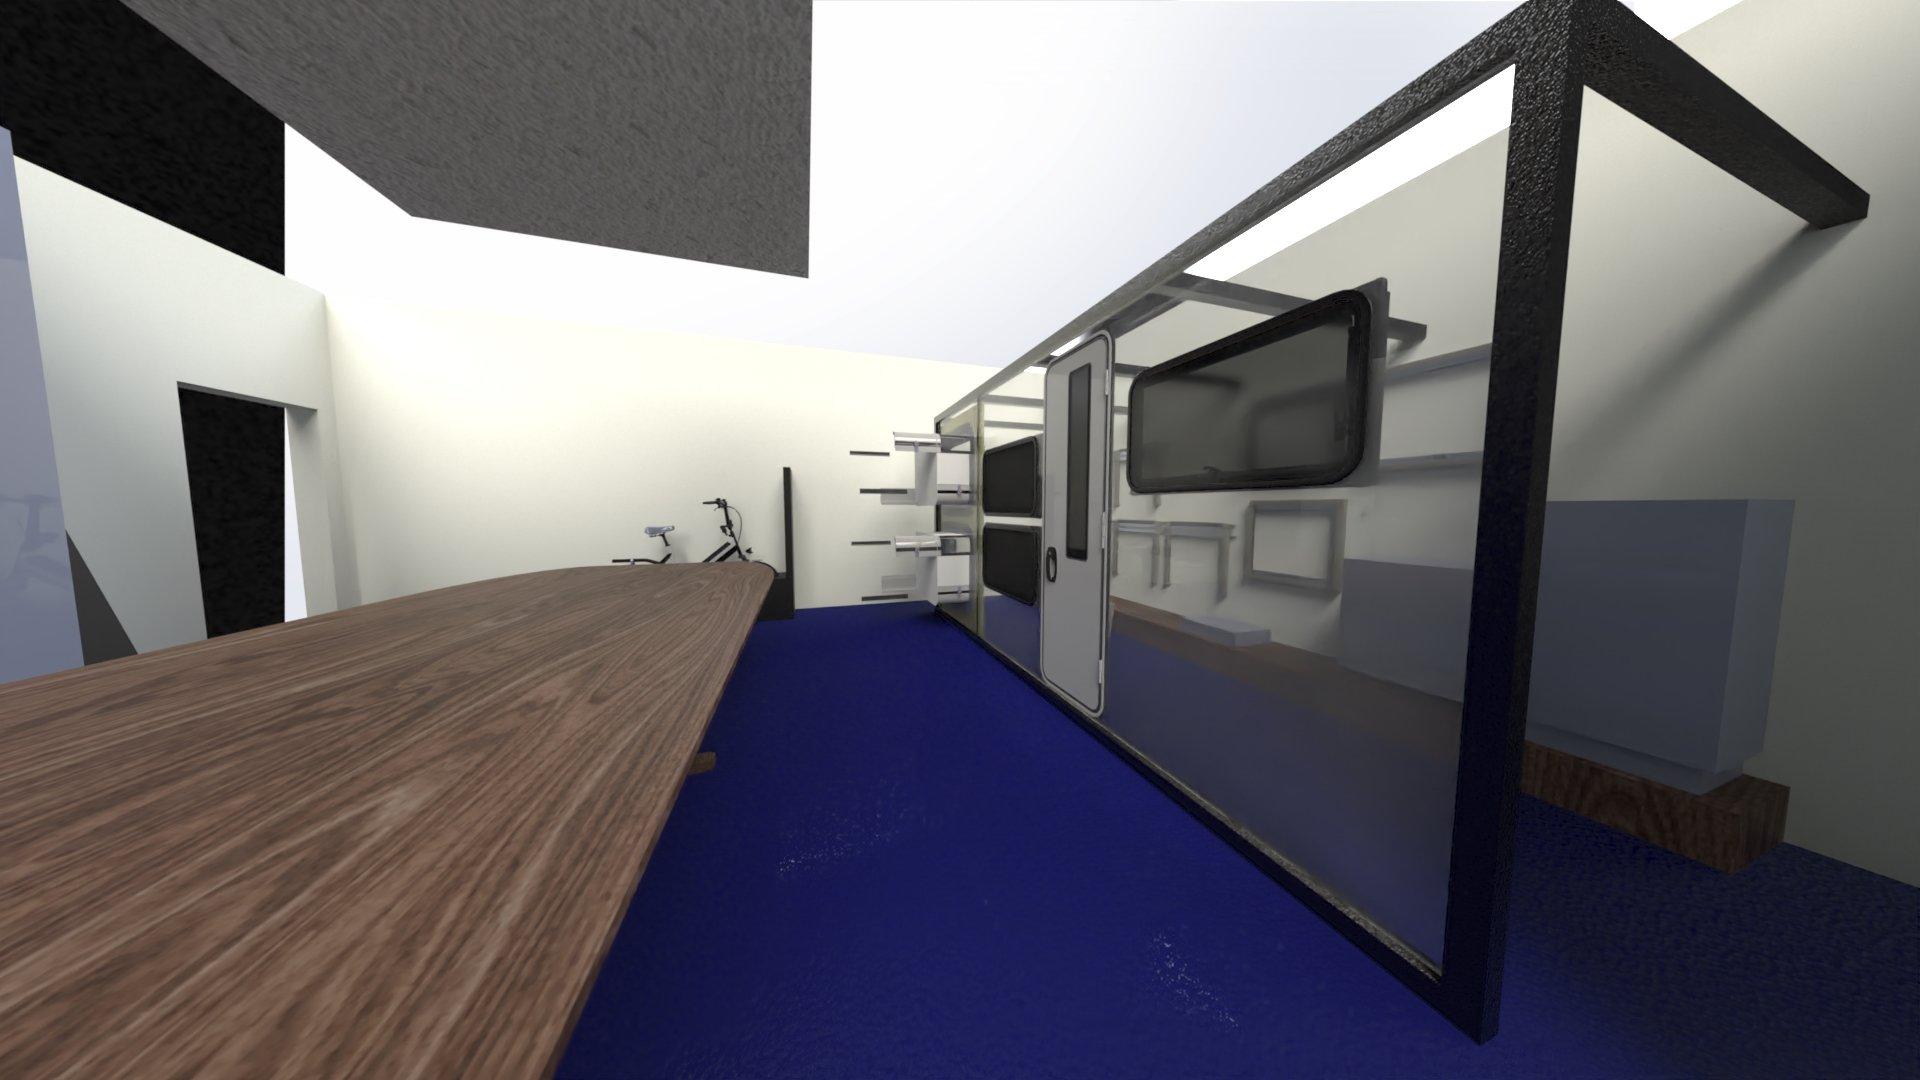 showroom rendering 2 3